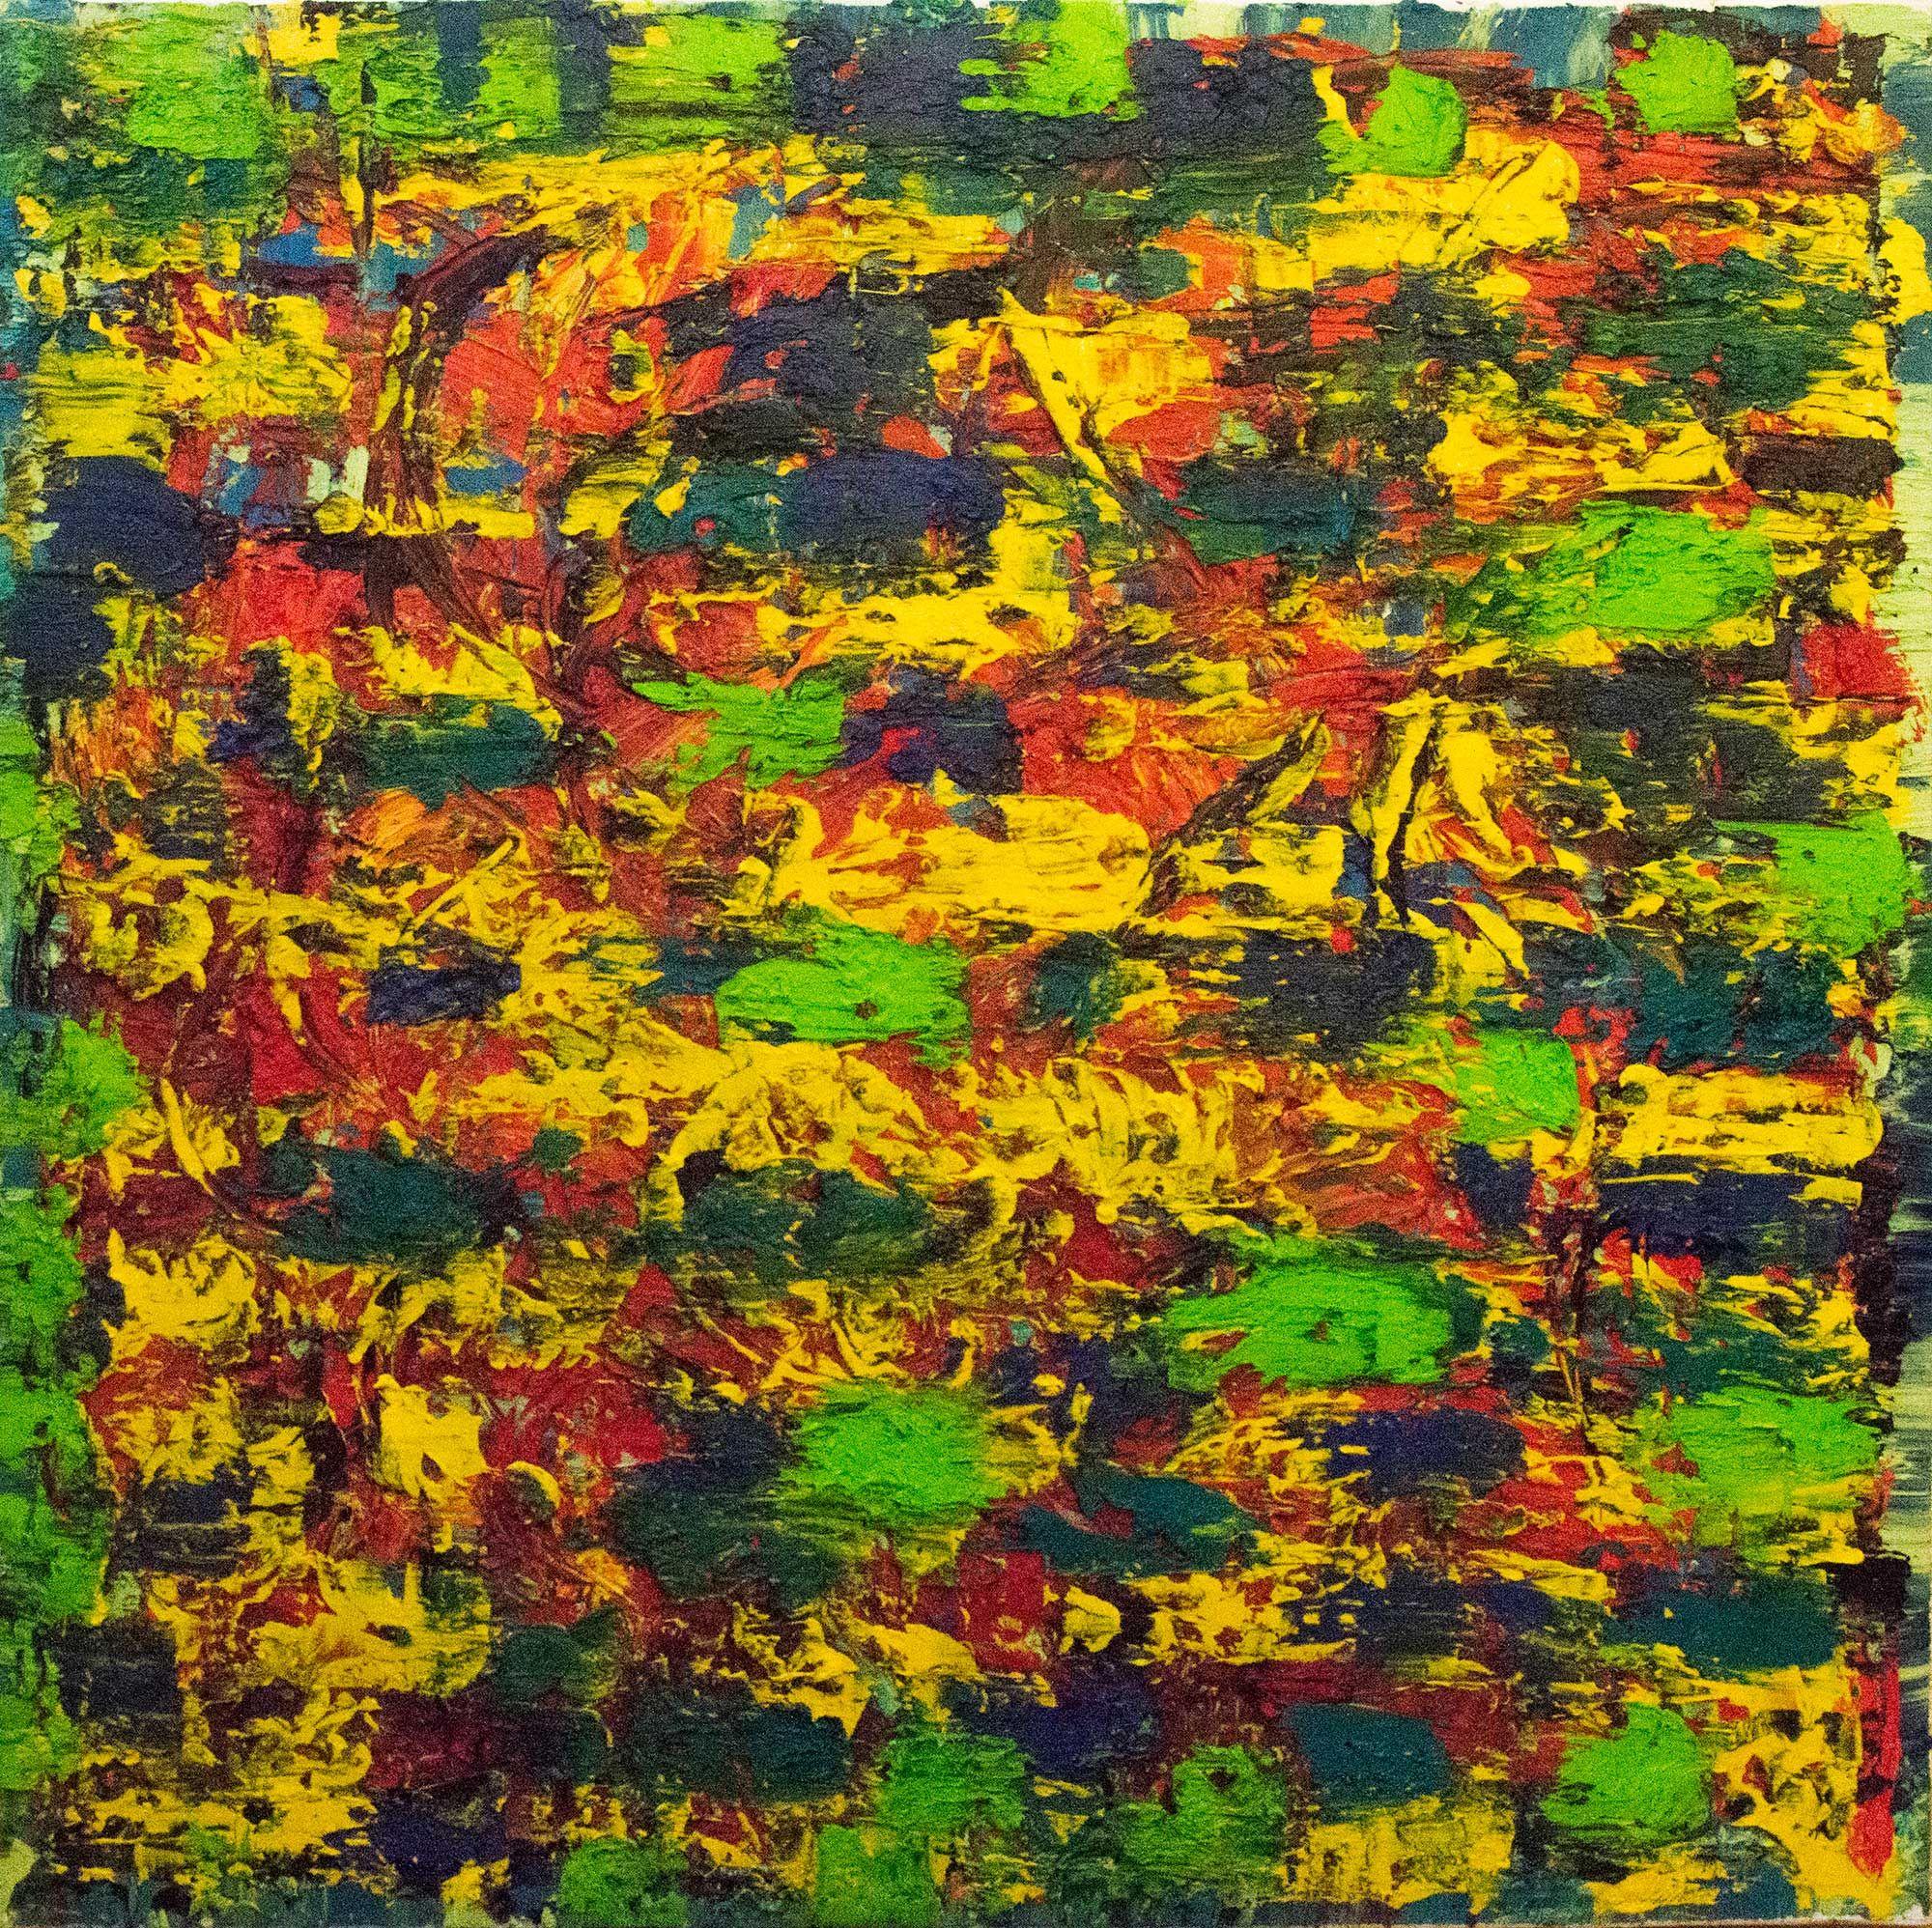 """Ana Perez Grassano """"L'Amour Partagé à Deux - I"""" Oil on canvas 80x80cm 2014"""